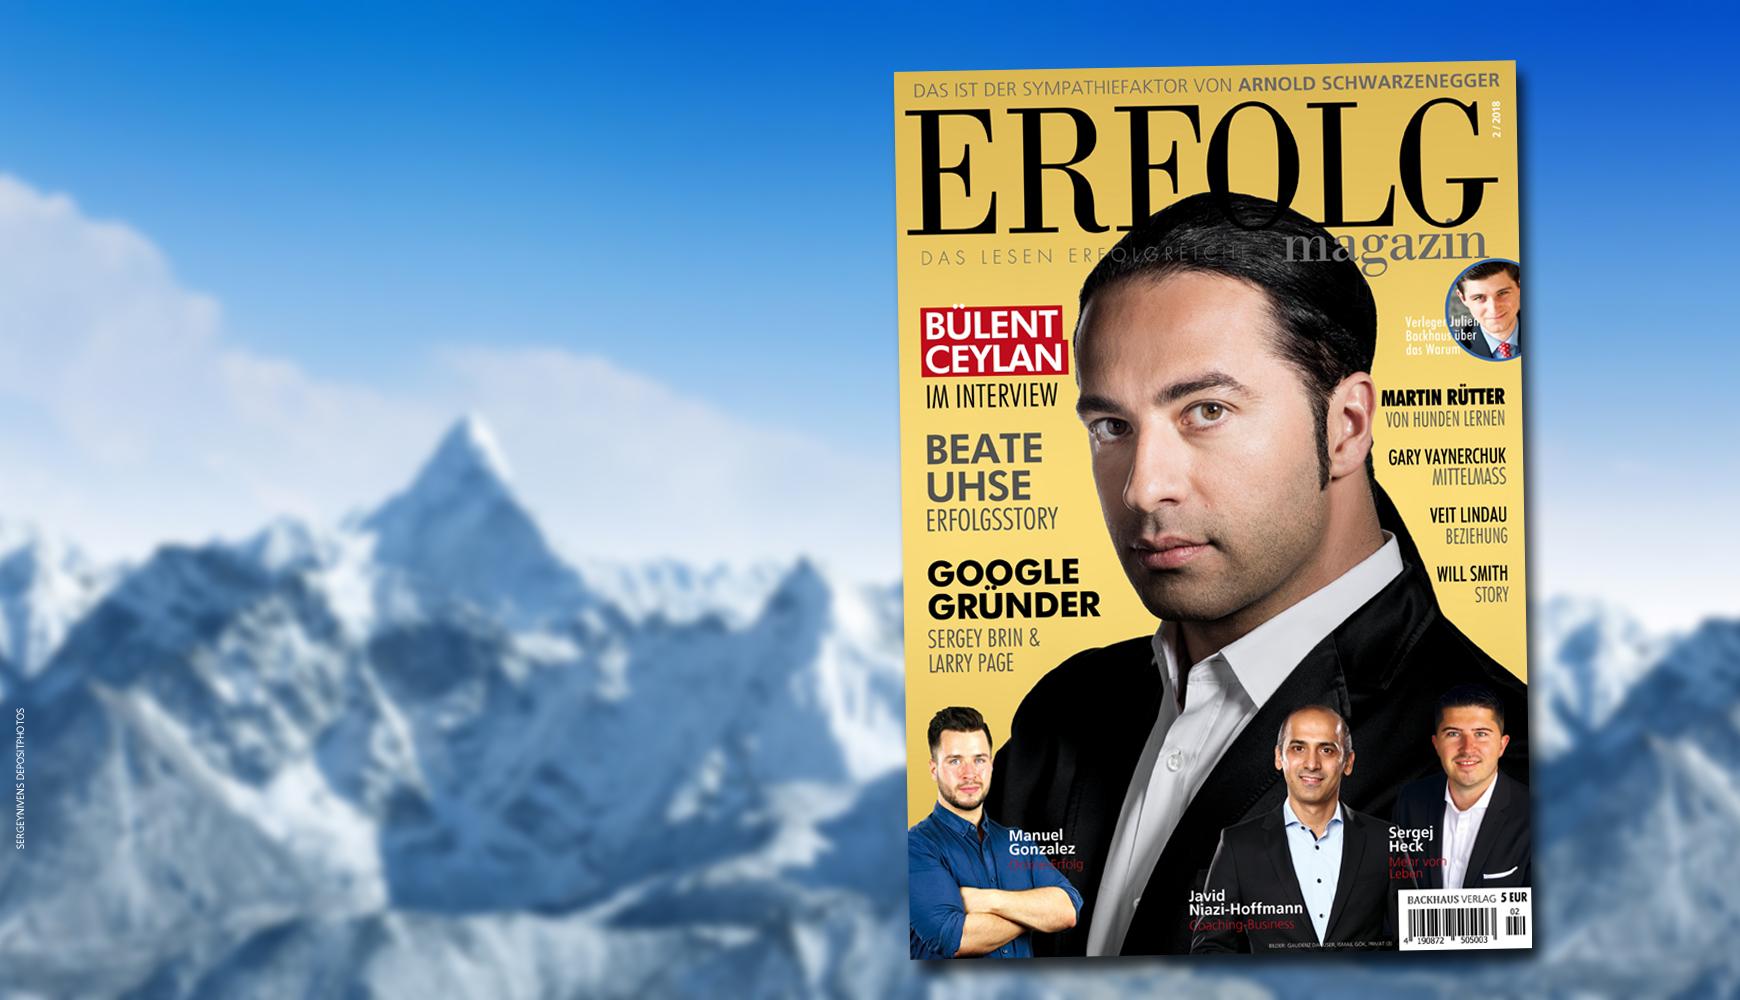 Magazin Abo printausgabe einzeln oder im abo bestellen erfolg magazinerfolg